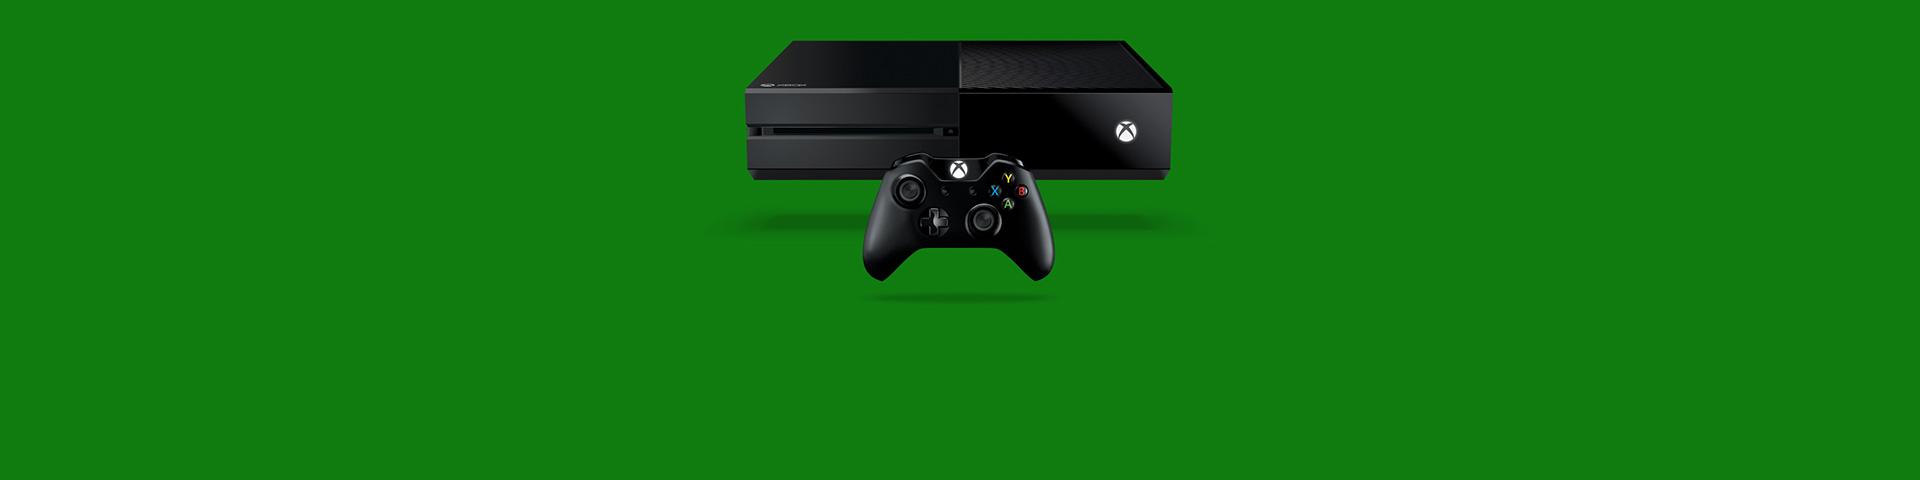 Comando e consola Xbox One, compre as consolas mais recentes